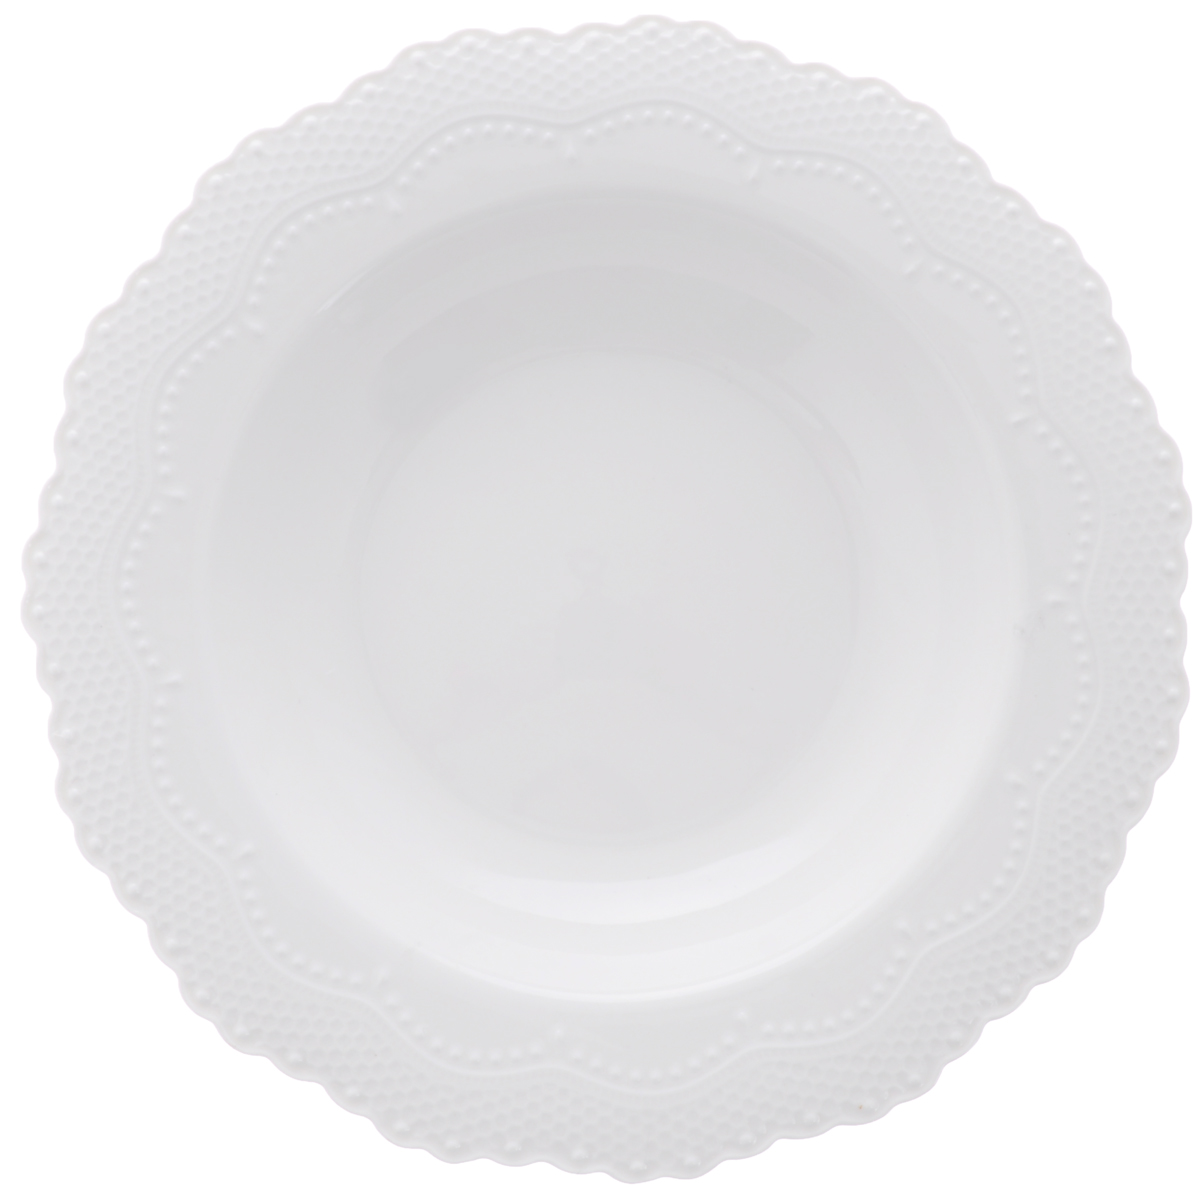 Тарелка суповая Walmer Vivien, цвет: белый, диаметр 22 см горшок для запекания walmer classic цвет белый диаметр 12 см